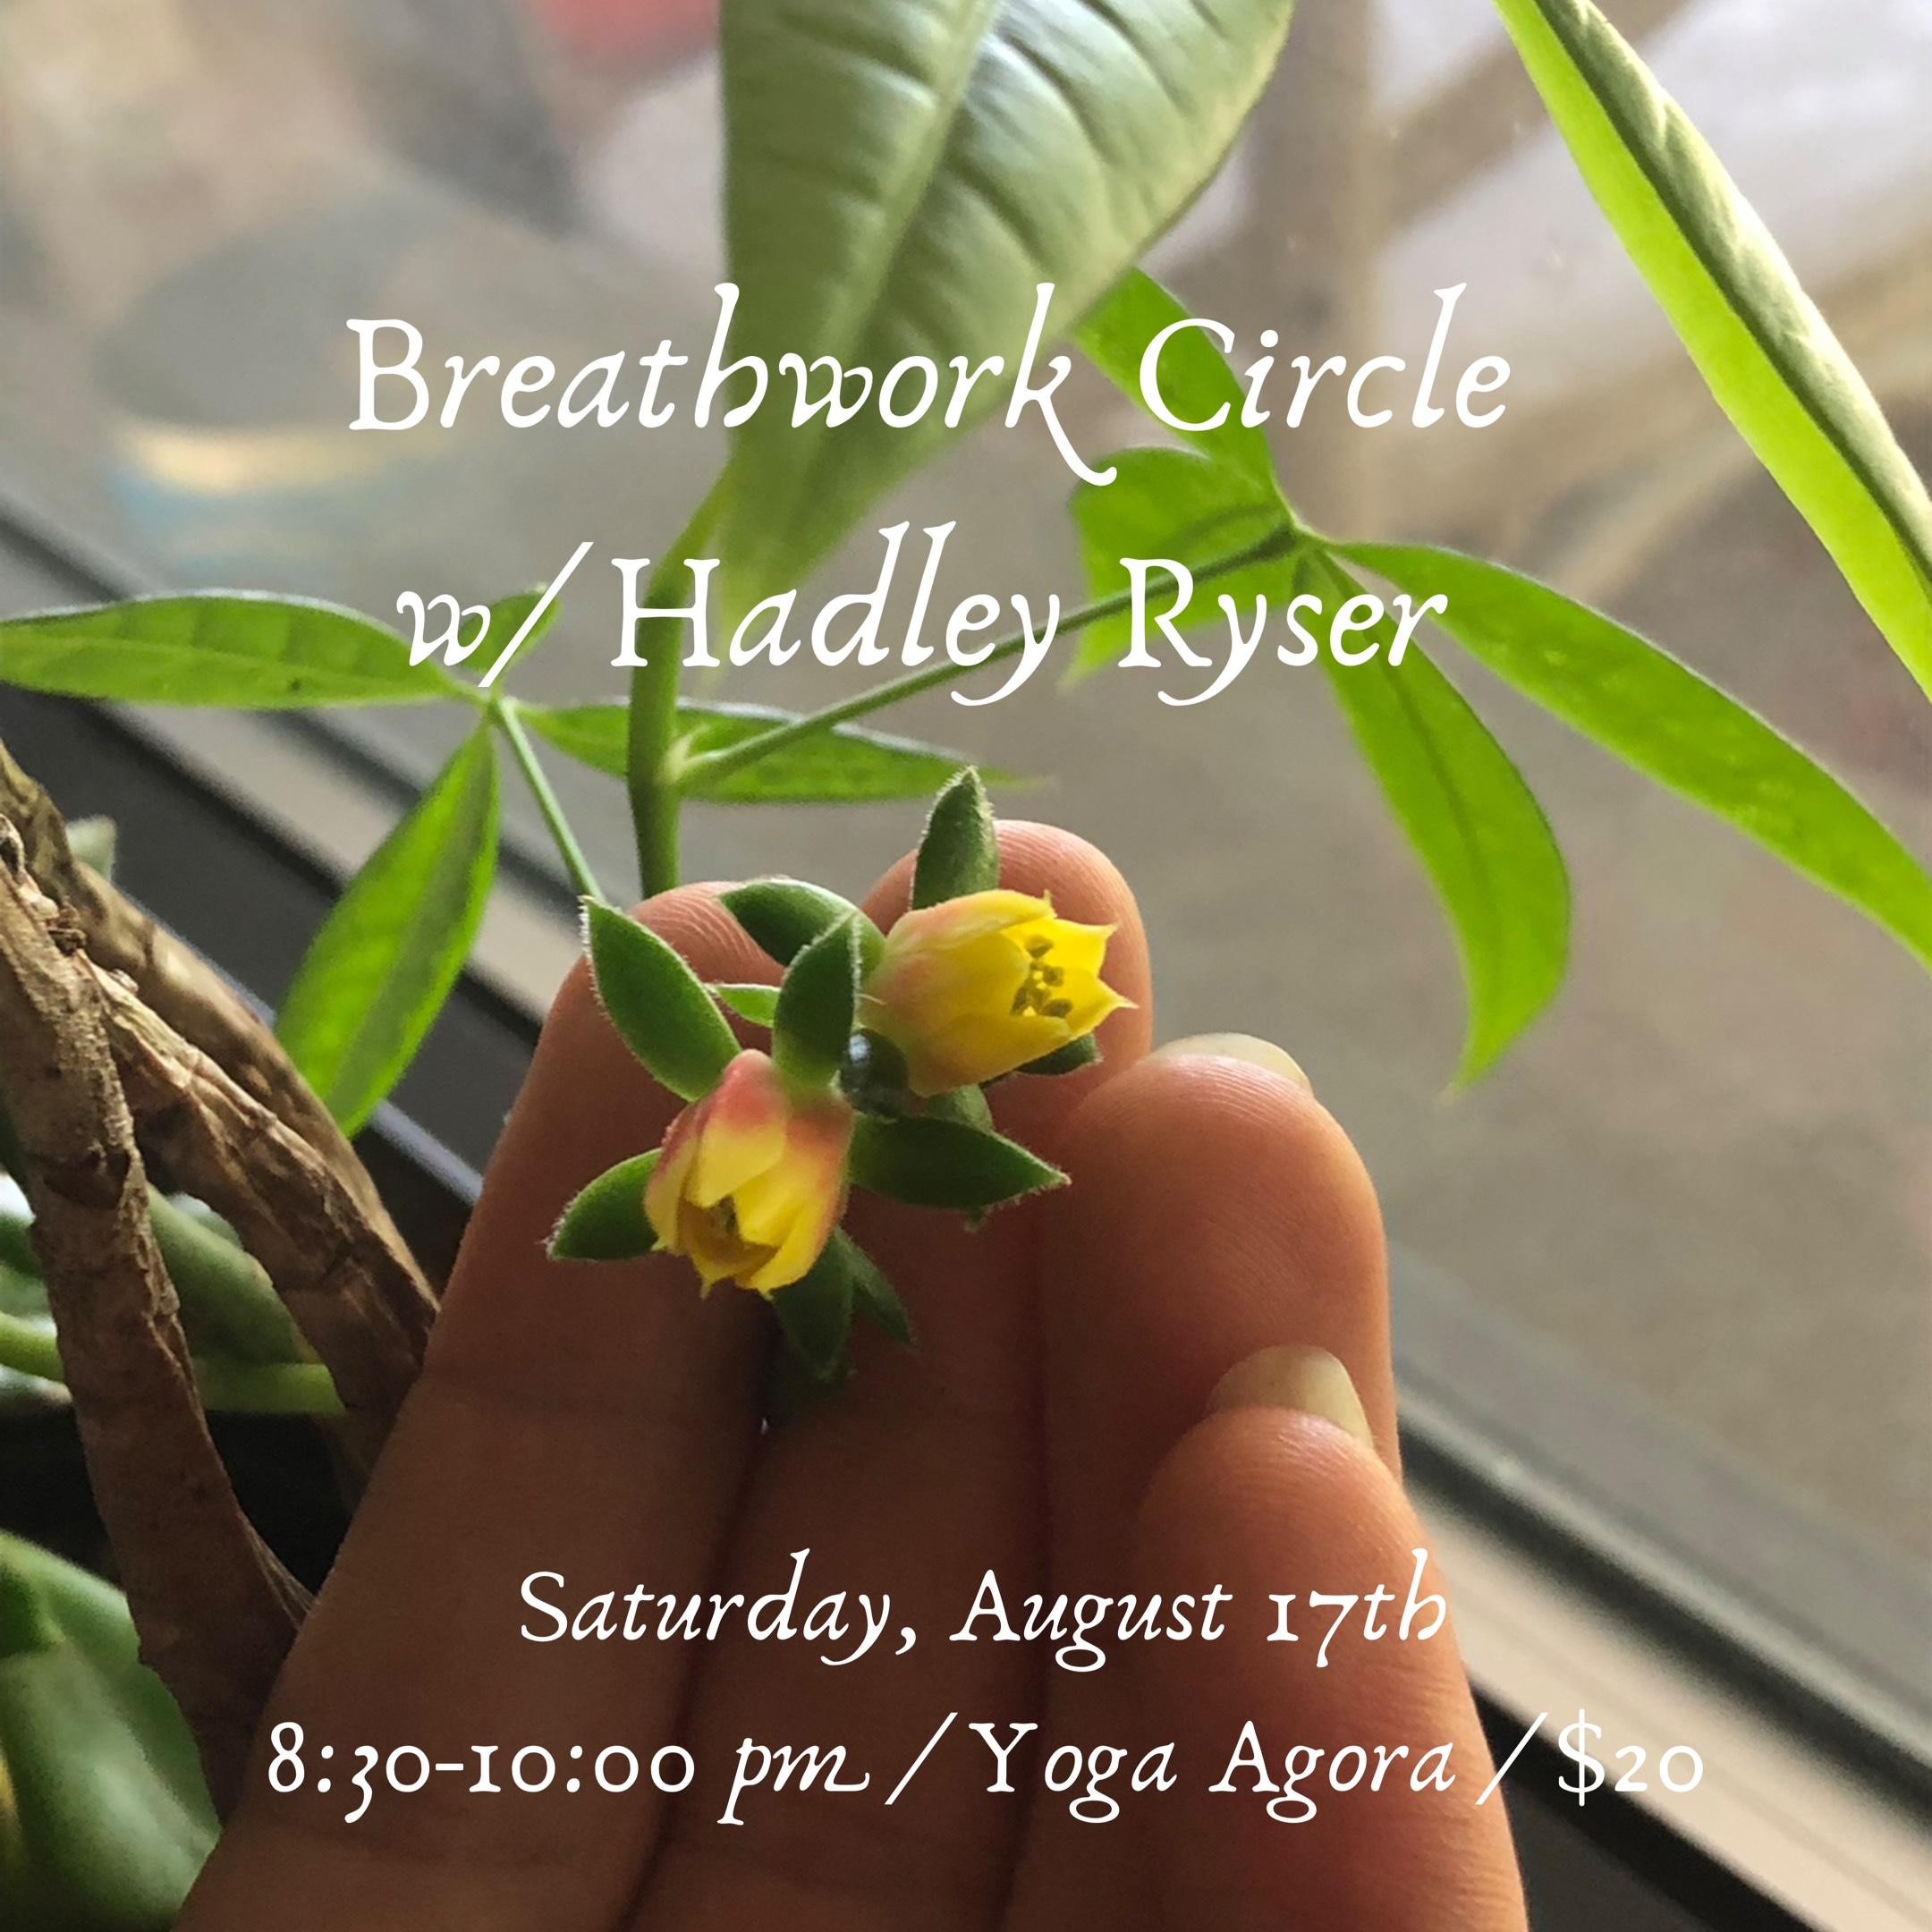 Breathwork Circle w Hadley Ryser.jpg